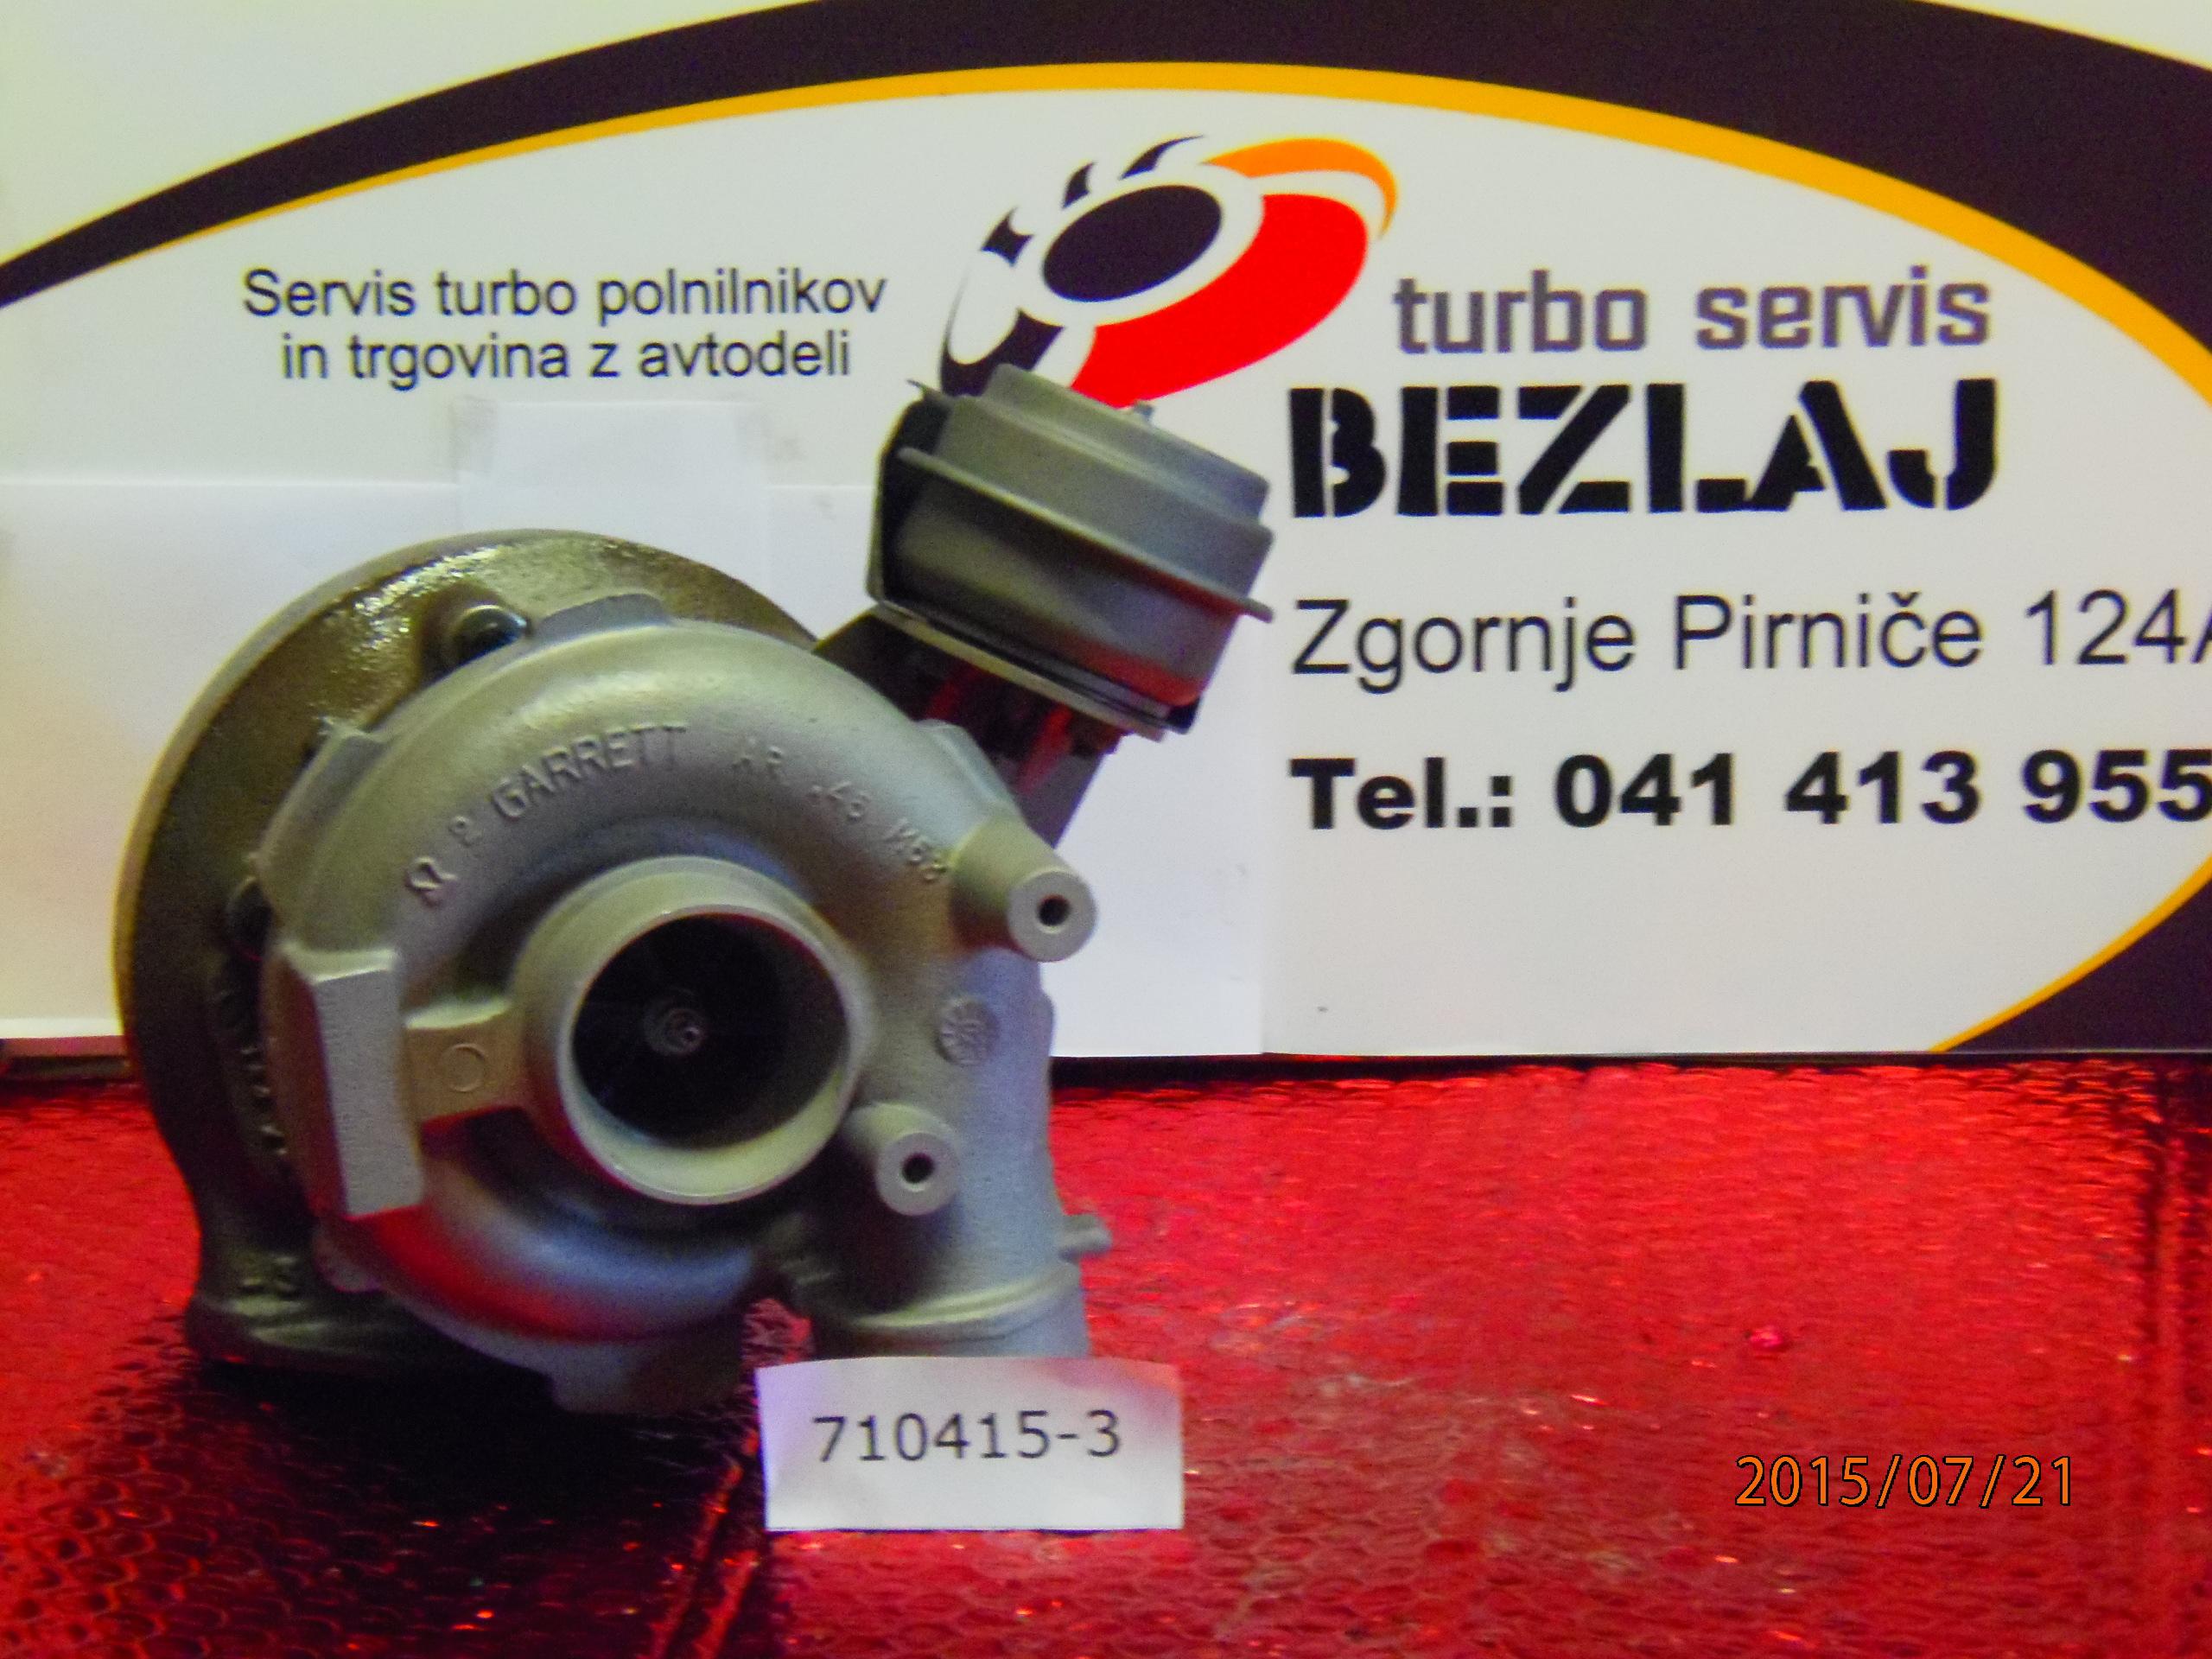 turbo710415-3 (3)